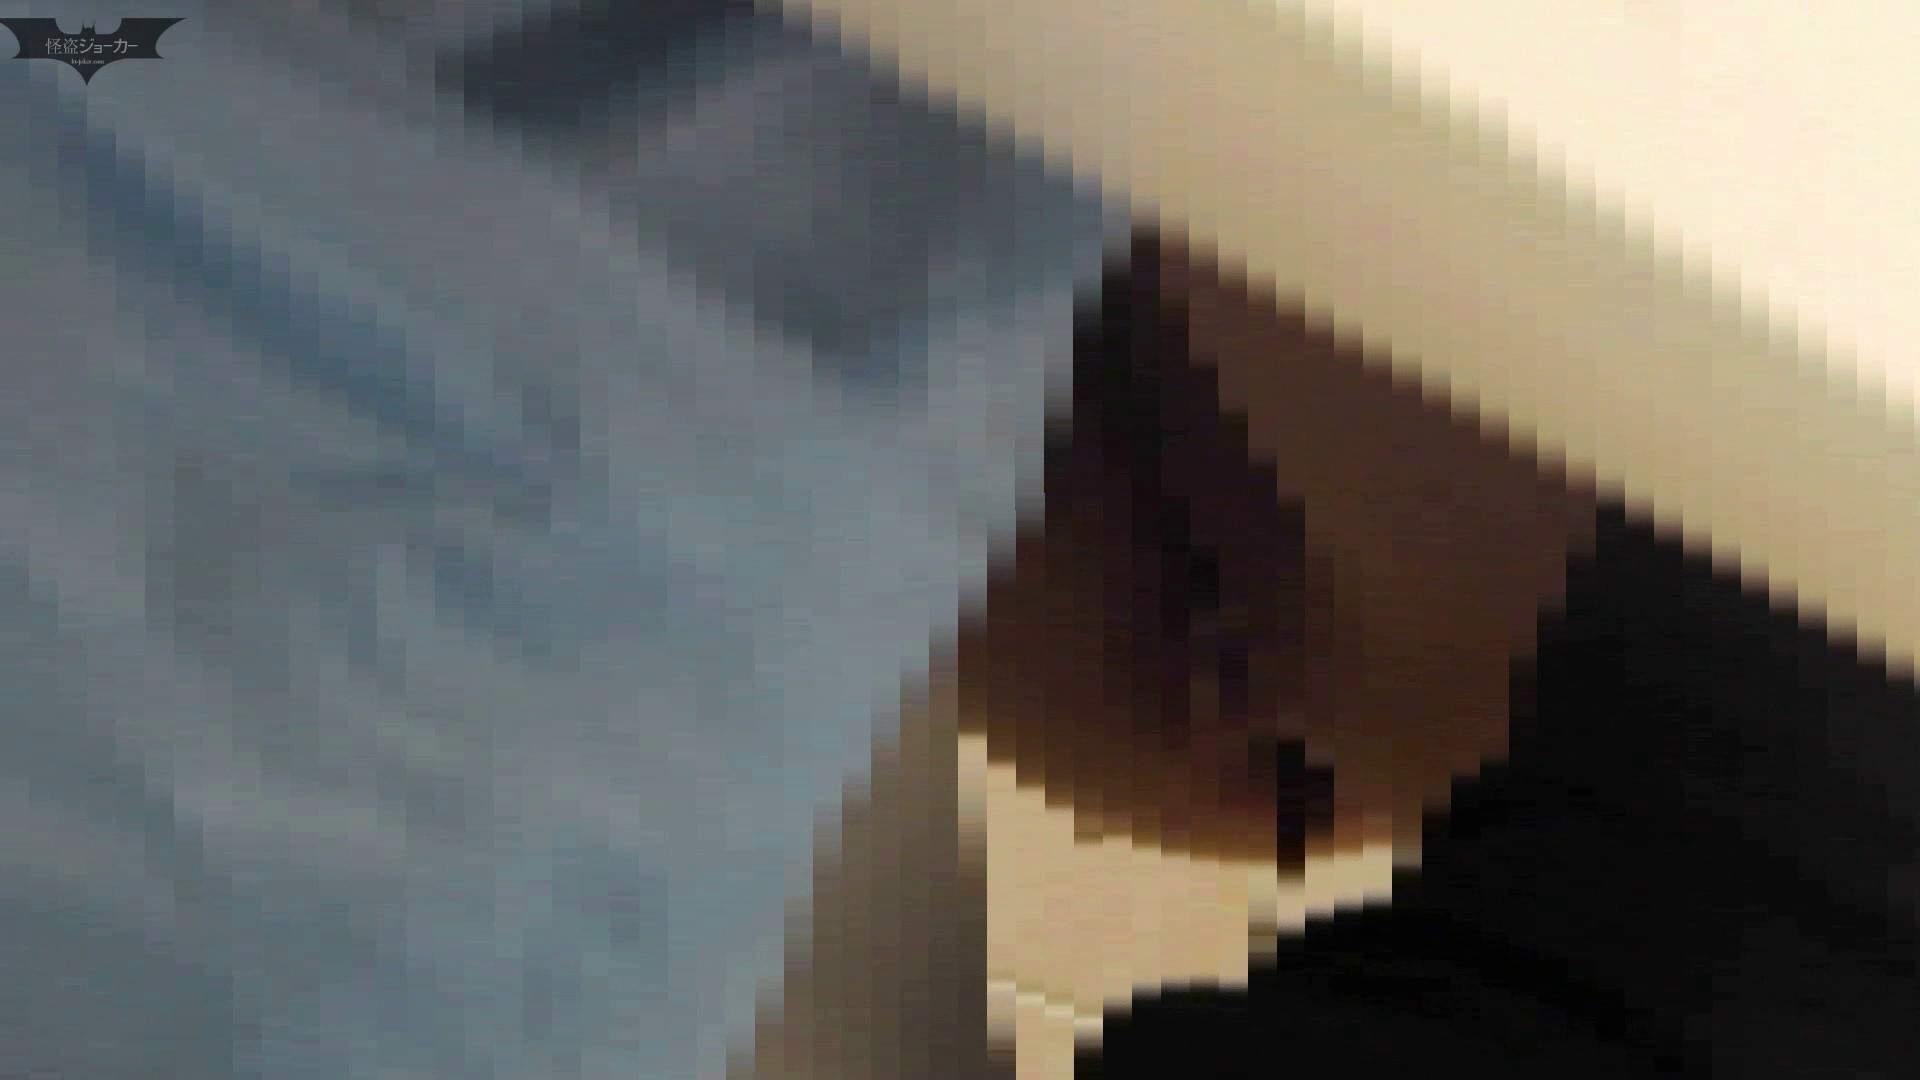 お銀さんの「洗面所突入レポート!!」 vol.53 冬到来!美女も到来! OLのボディ AV動画キャプチャ 91PIX 22